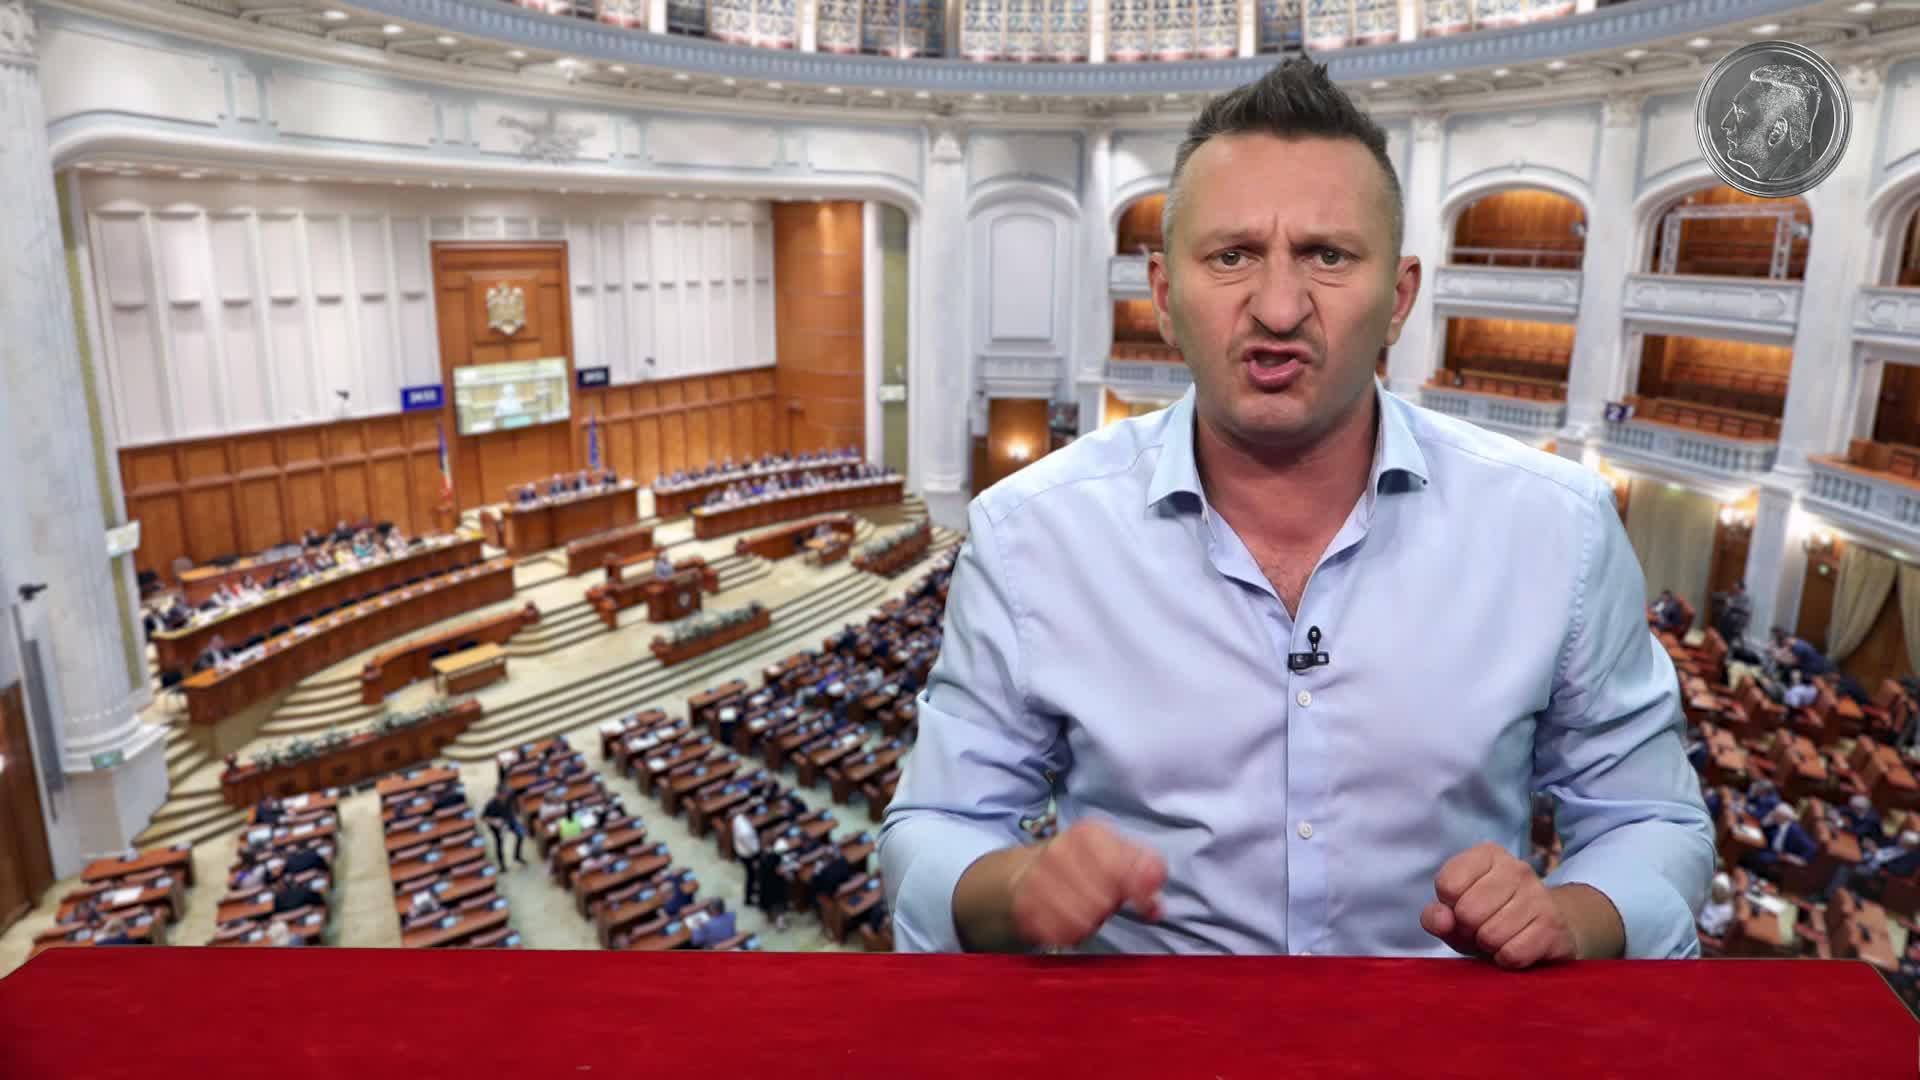 Tetelu şi penalii din Parlament